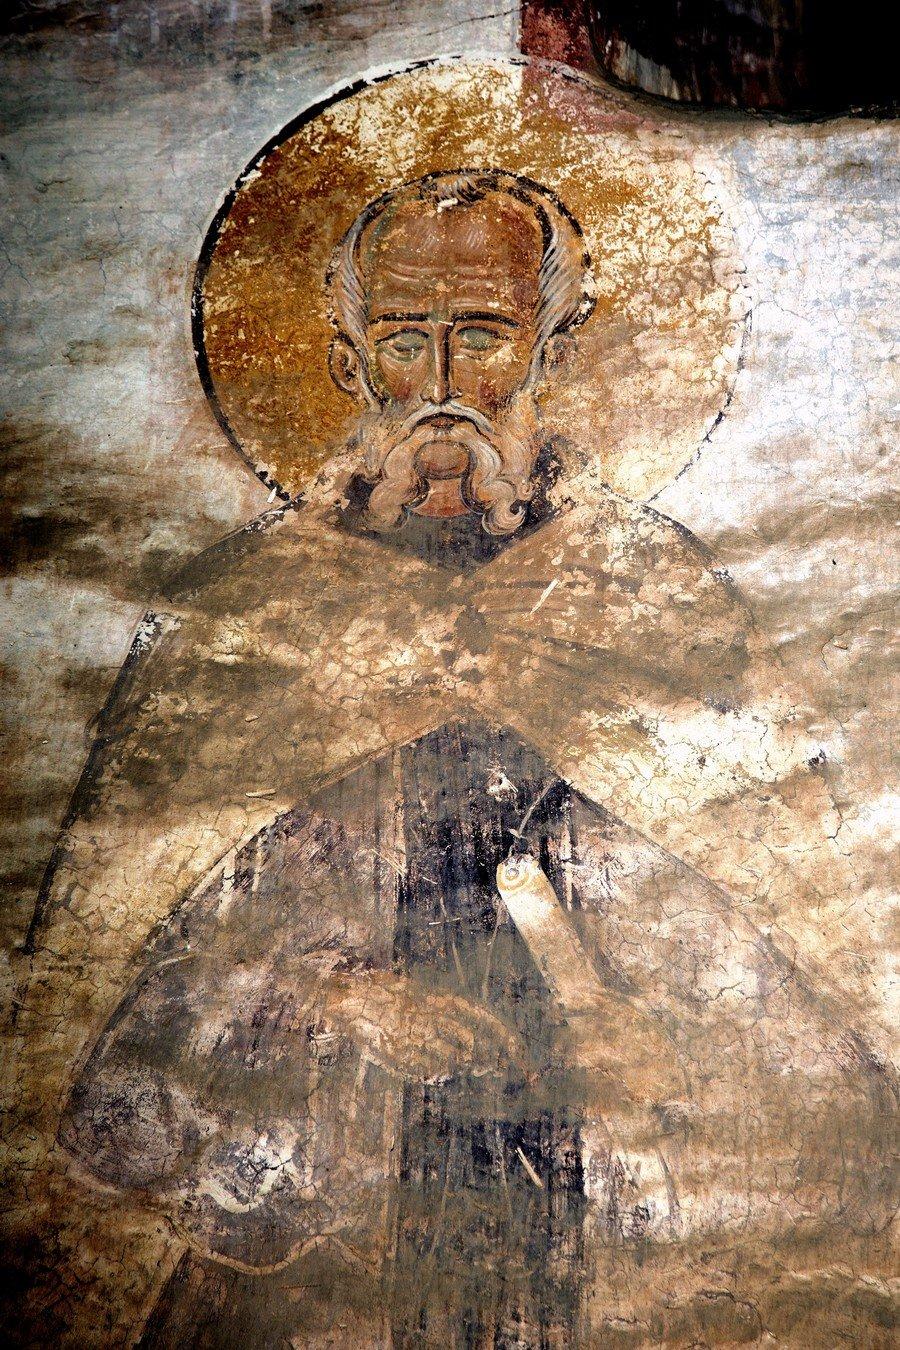 Святой Преподобный Савва Освященный. Фреска собора Христа Спасителя в Цаленджихе, Грузия. 1384 - 1396 годы. Иконописец Мануил Евгеник.